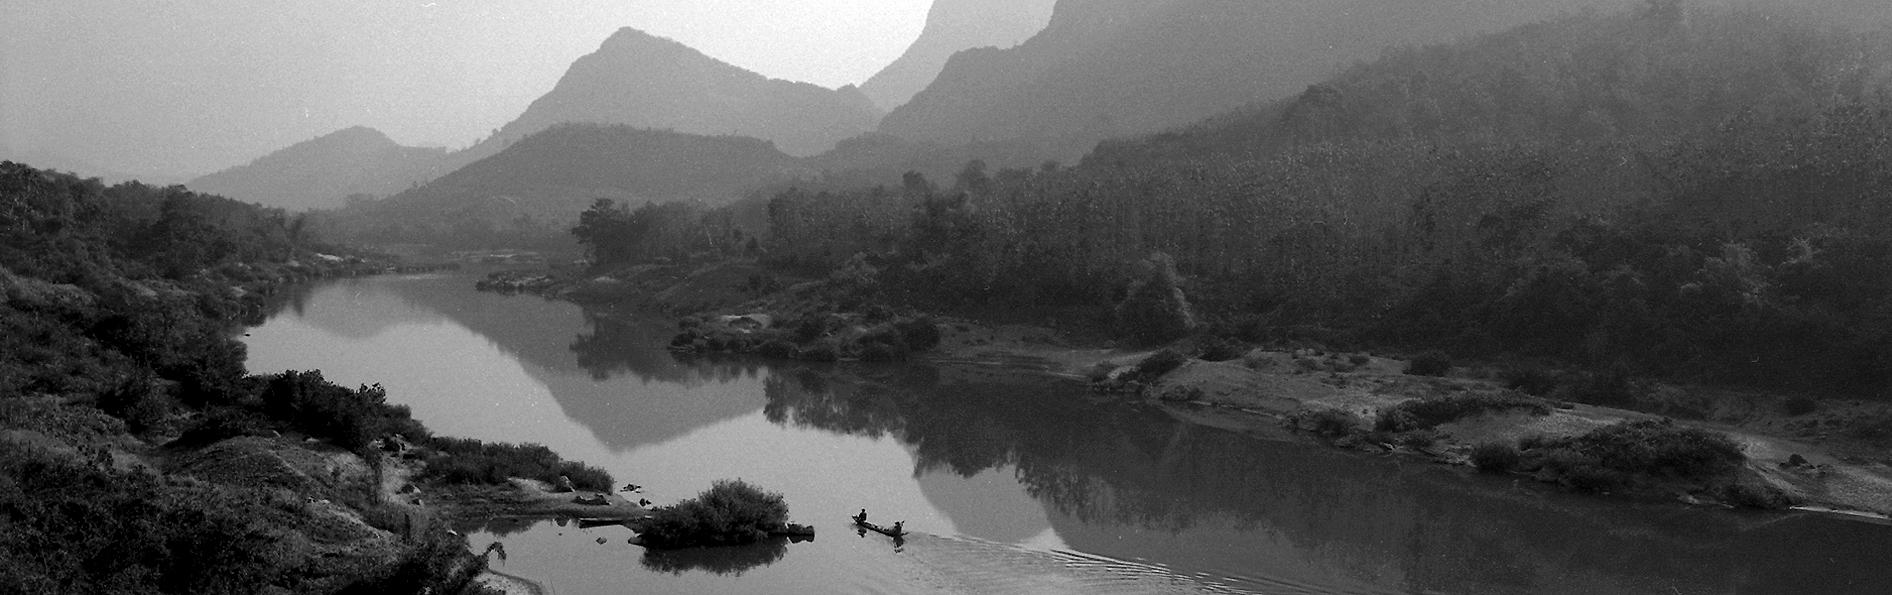 Laos 2006_01